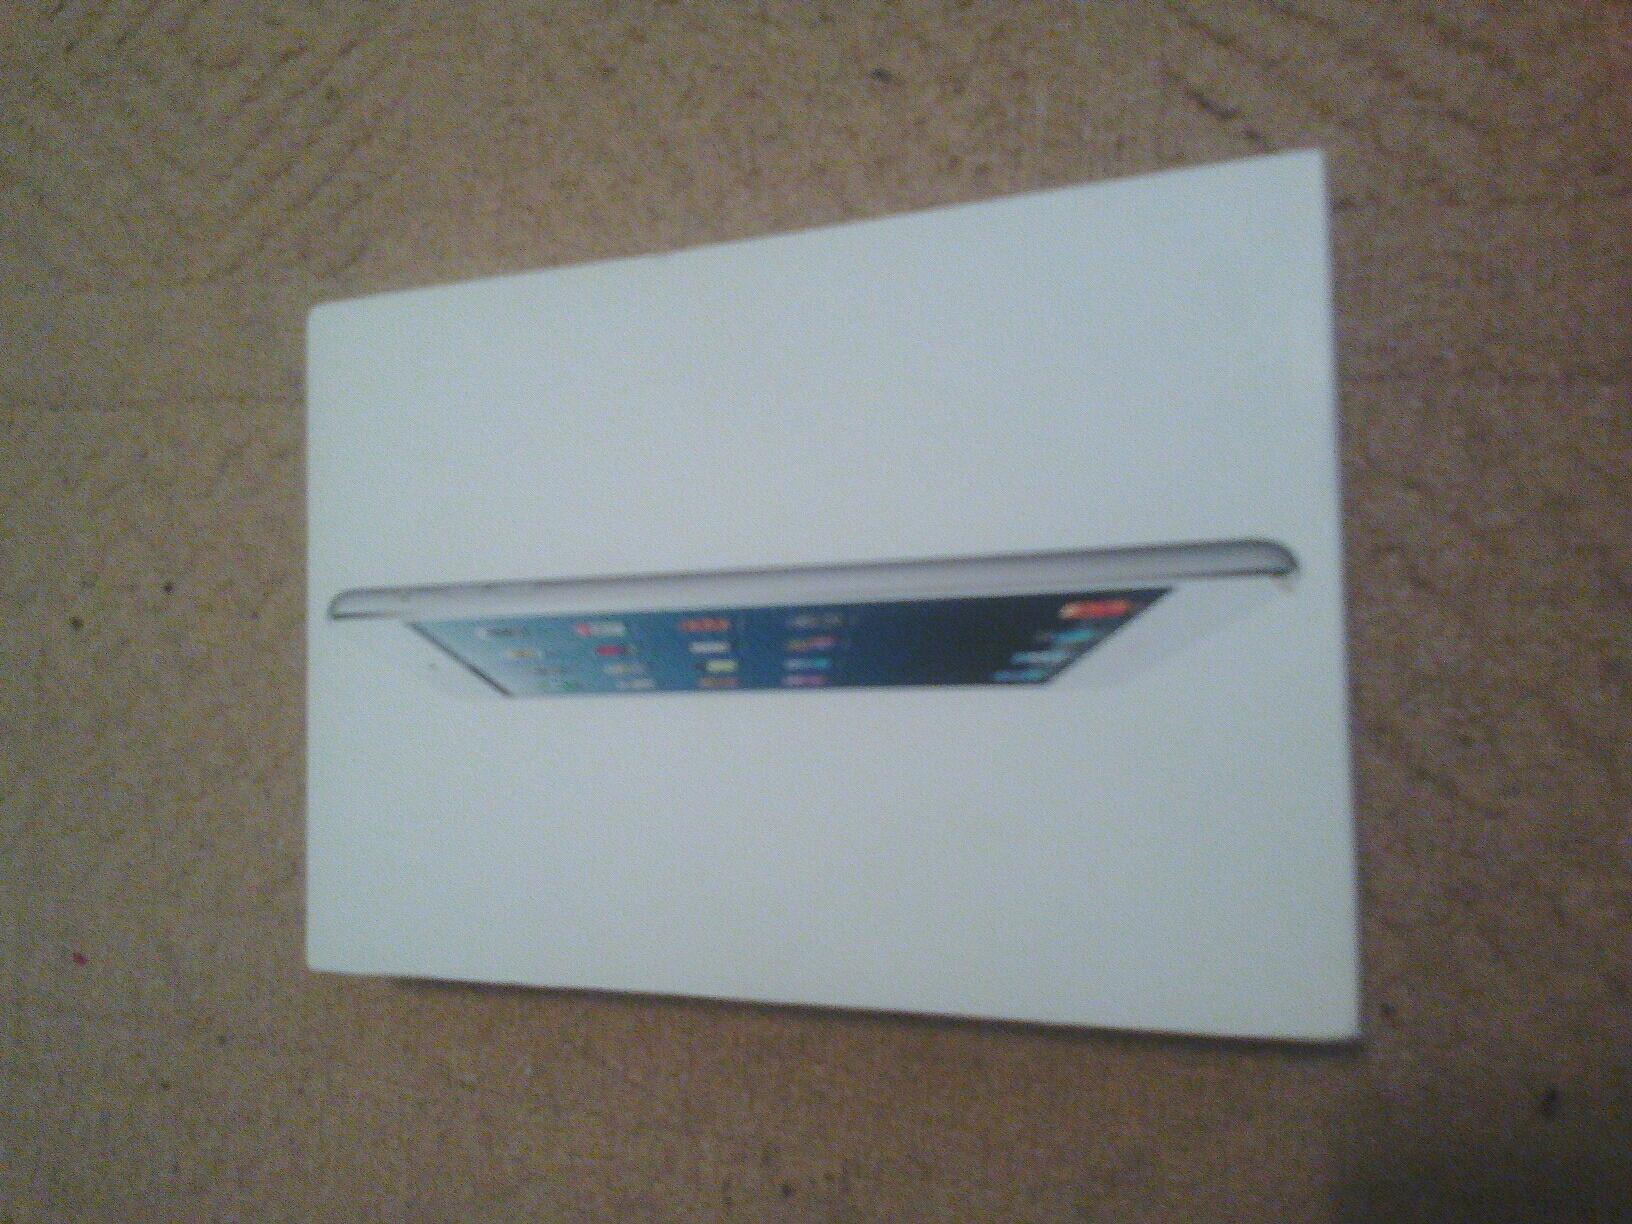 iPad mini in Moscow